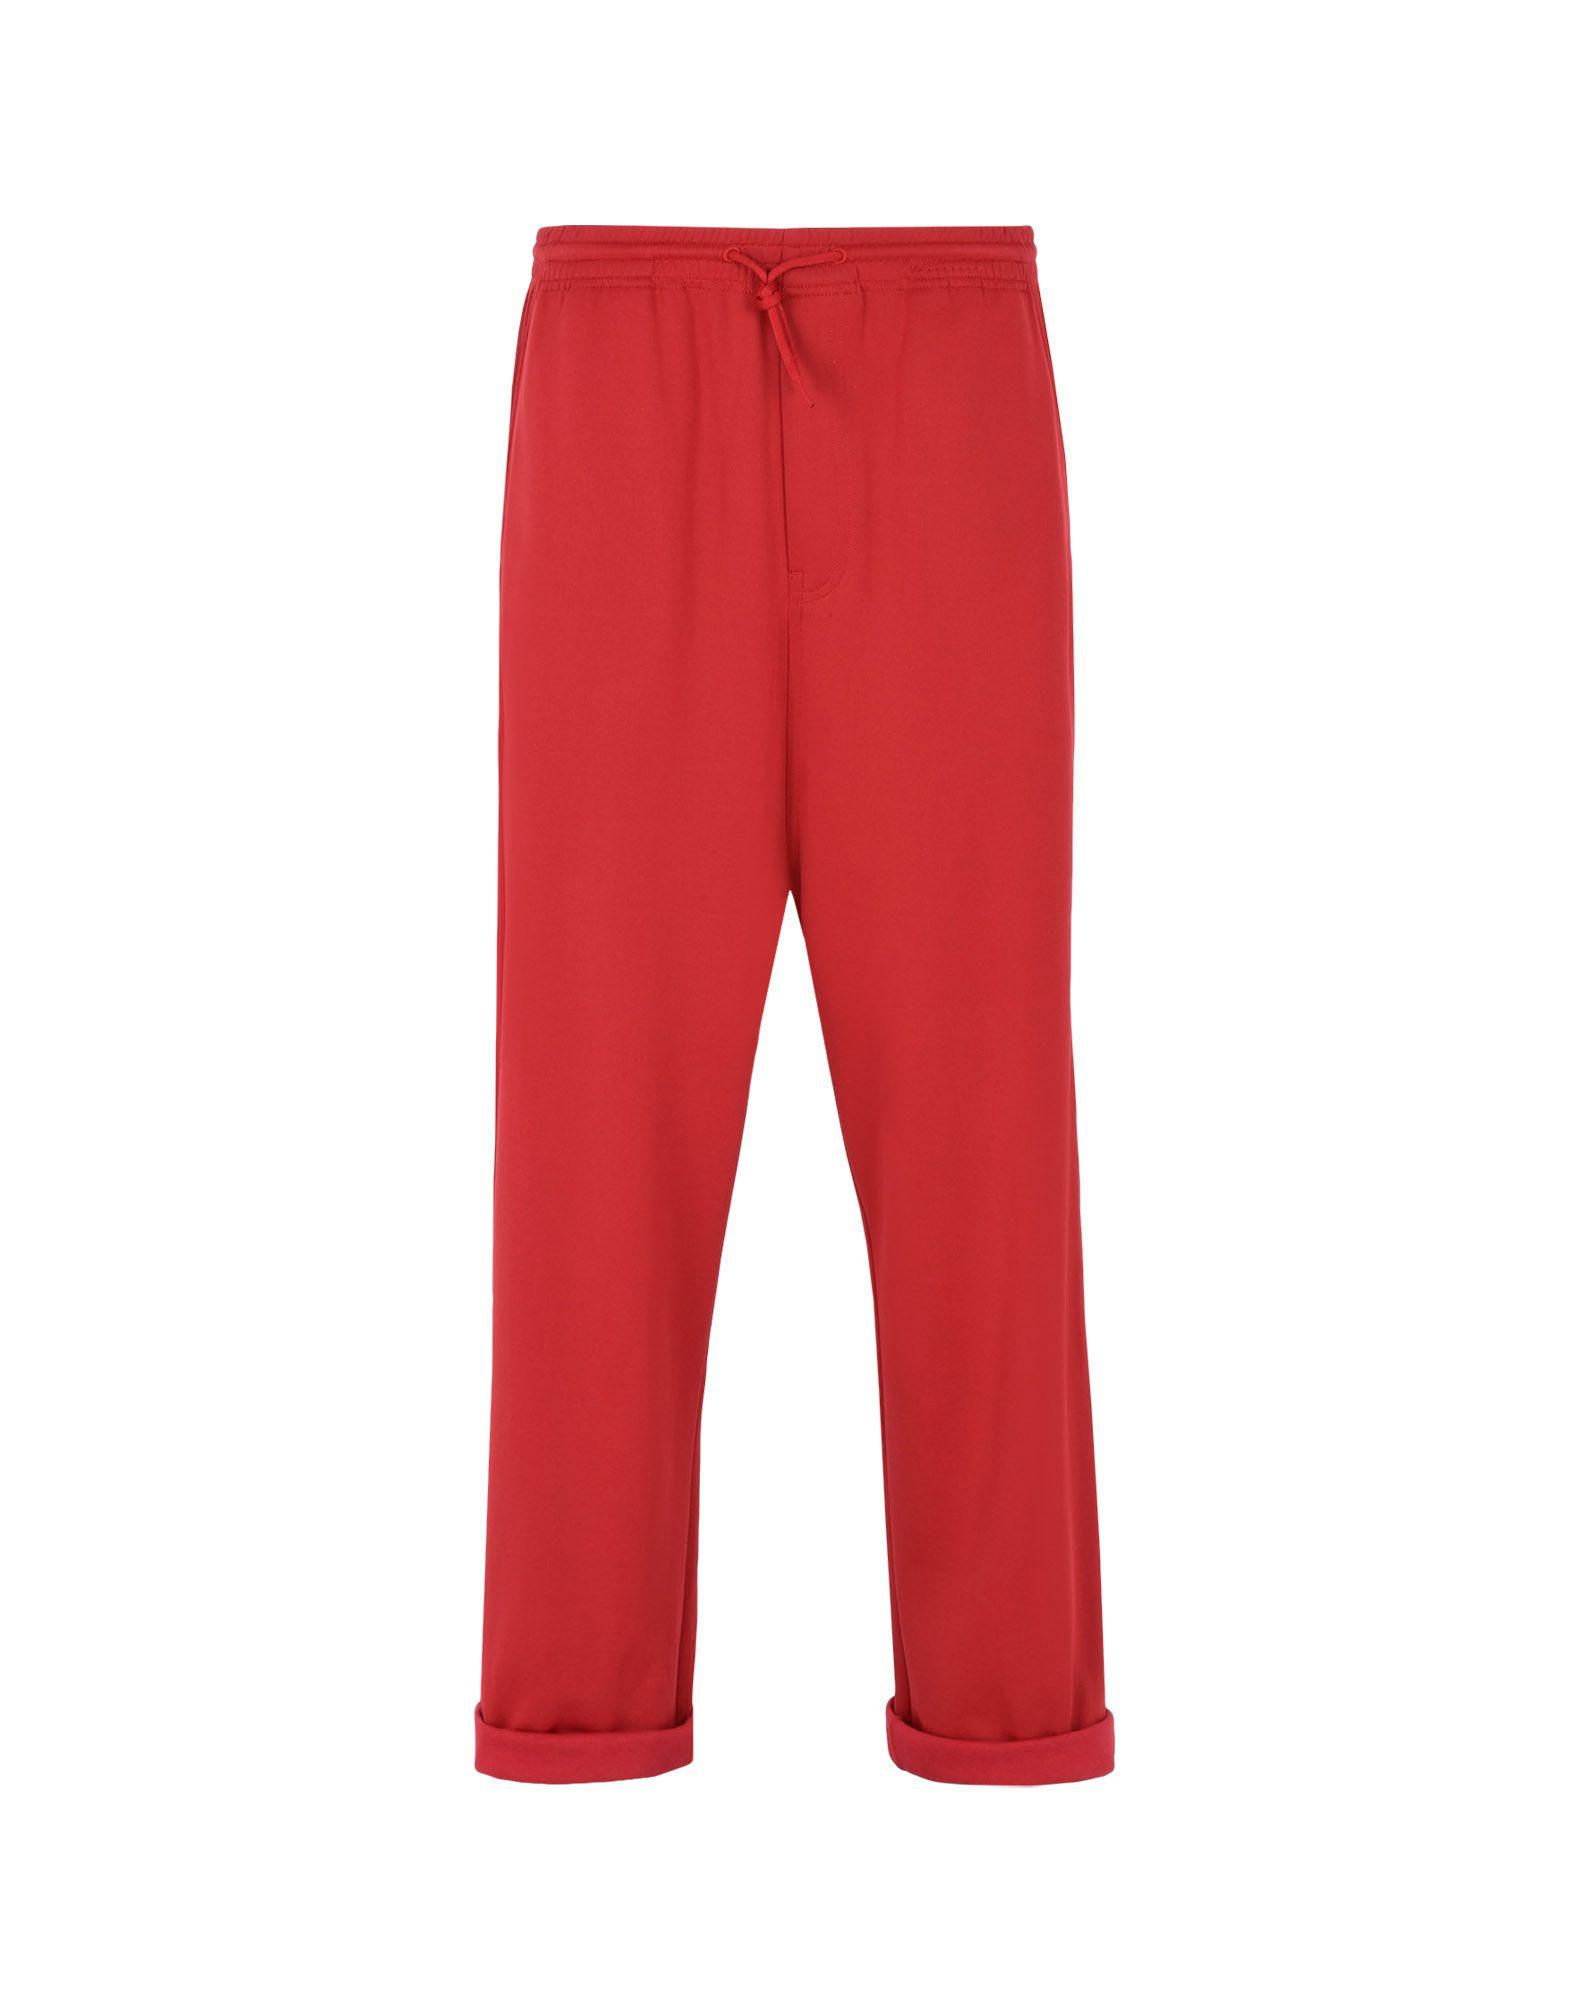 057187f08be3 ... Y-3 Y-3 3-STRIPES WIDE PANTS Спортивные штаны Для Мужчин f ...